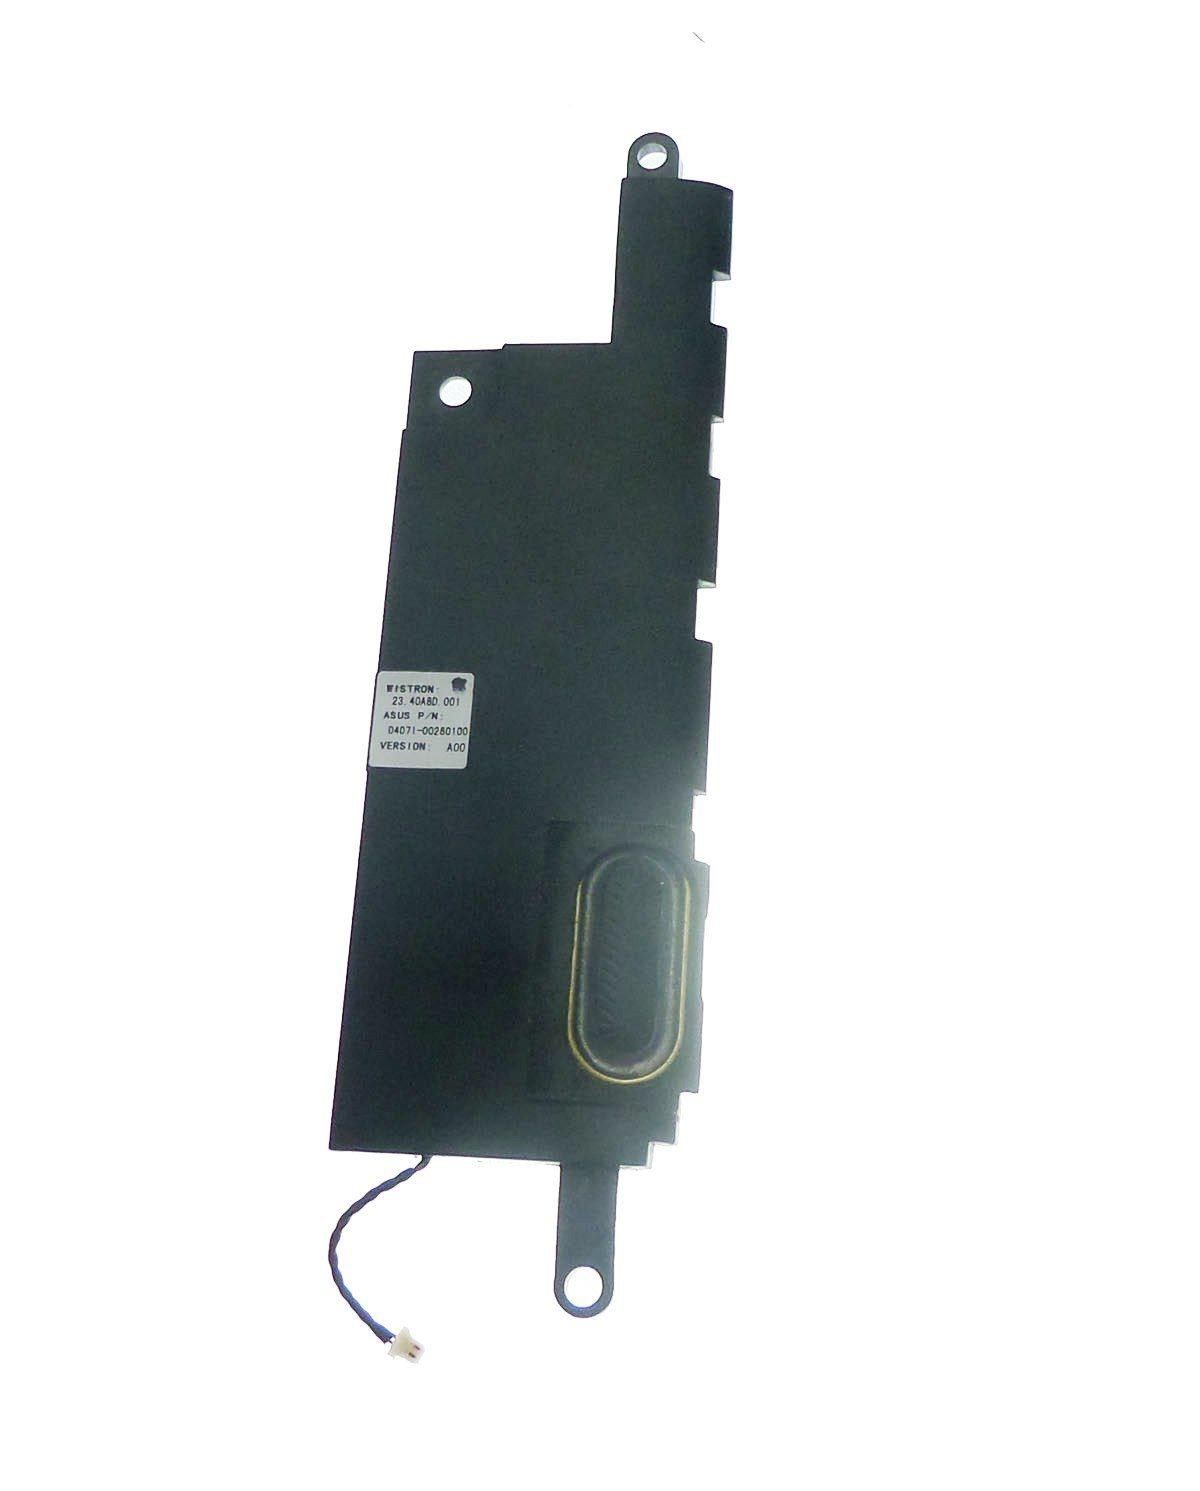 Haut parleur sonnerie notification gauche pour Asus Memo pad smart 10.1 ME301T ME301